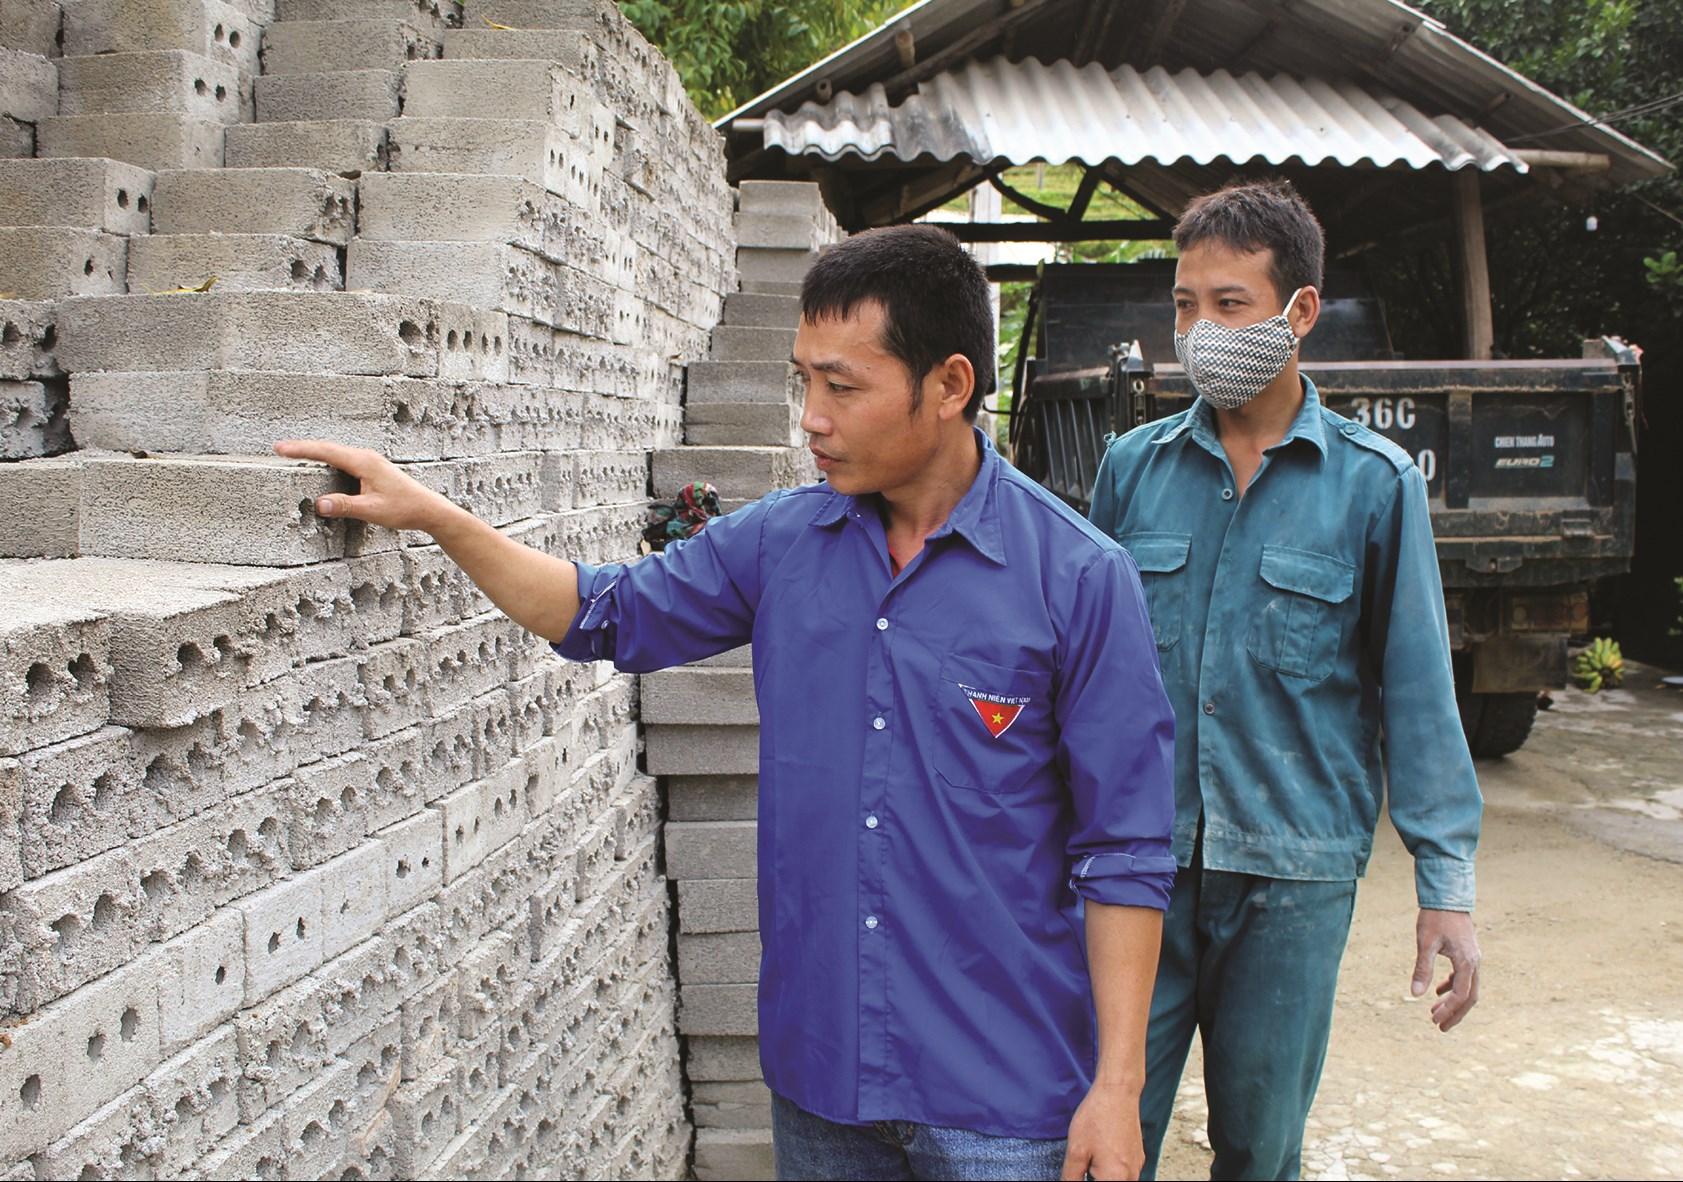 Cơ sở sản xuất vật liệu xây dựng của anh Hà Văn Chục không những giúp anh thoát nghèo mà còn tạo công ăn việc làm cho lao động địa phương.